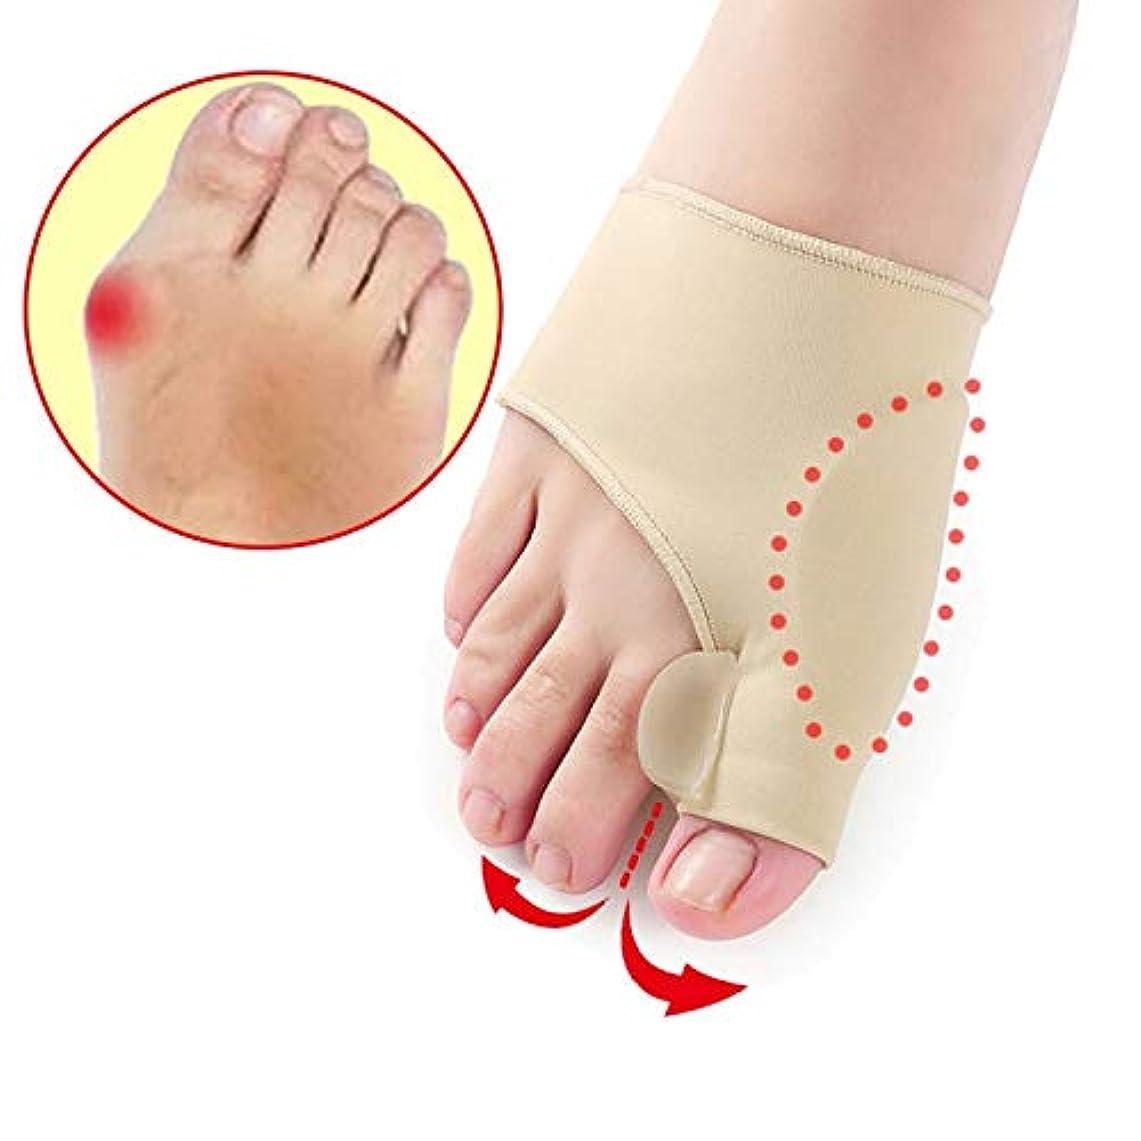 警戒肉不快な2ピース= 1ペアつま先セパレーター外反母趾腱膜矯正器足の骨親指アジャスター補正ペディキュアソックスストレイテナー 整形外科の 2Pcs=1Pair Toe Separator Hallux Valgus Bunion Corrector Orthotics Feet Bone Thumb Adjuster Correction Pedicure Sock Straightener Orthopedic